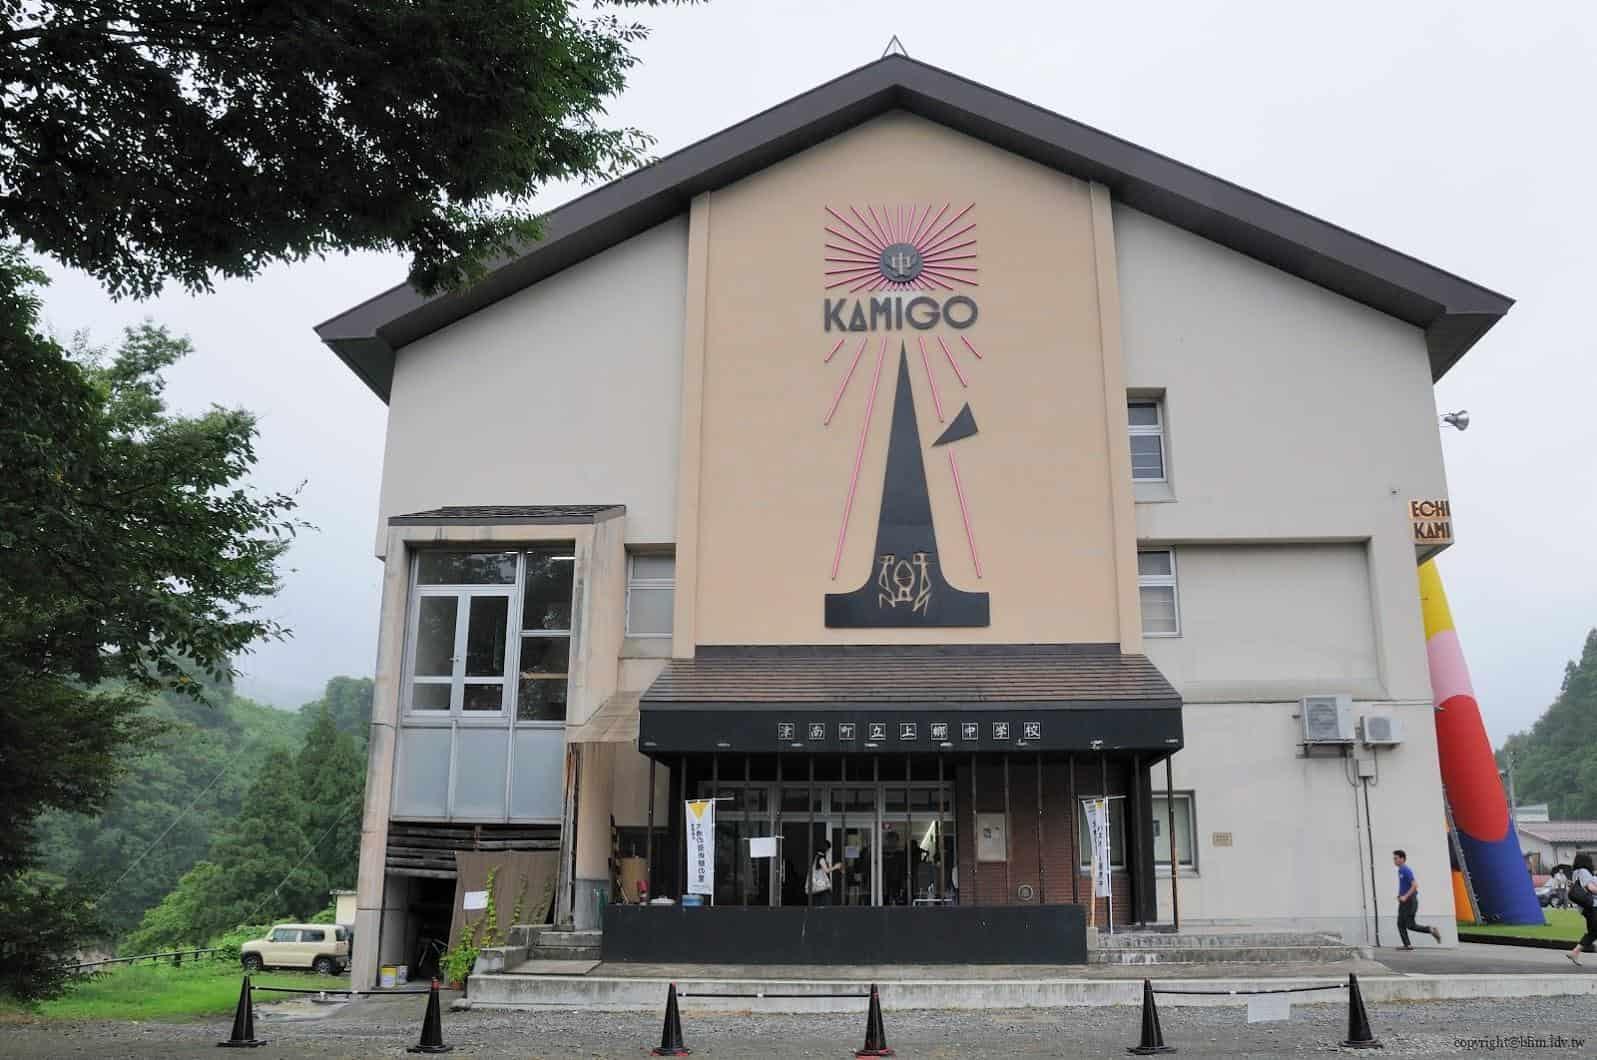 豊田恒行,越後妻有「上鄉劇場館」入口,住宿、餐飲、劇場、展覽等複合功能的設施的空間,入口嵌上的金屬 LOGO,為日本老廣告人浅葉克己設計 越後妻有「上鄉劇場館」 越後妻有「上鄉劇場館」 Echigo Tsumari Kamigo Clove Theatre 04